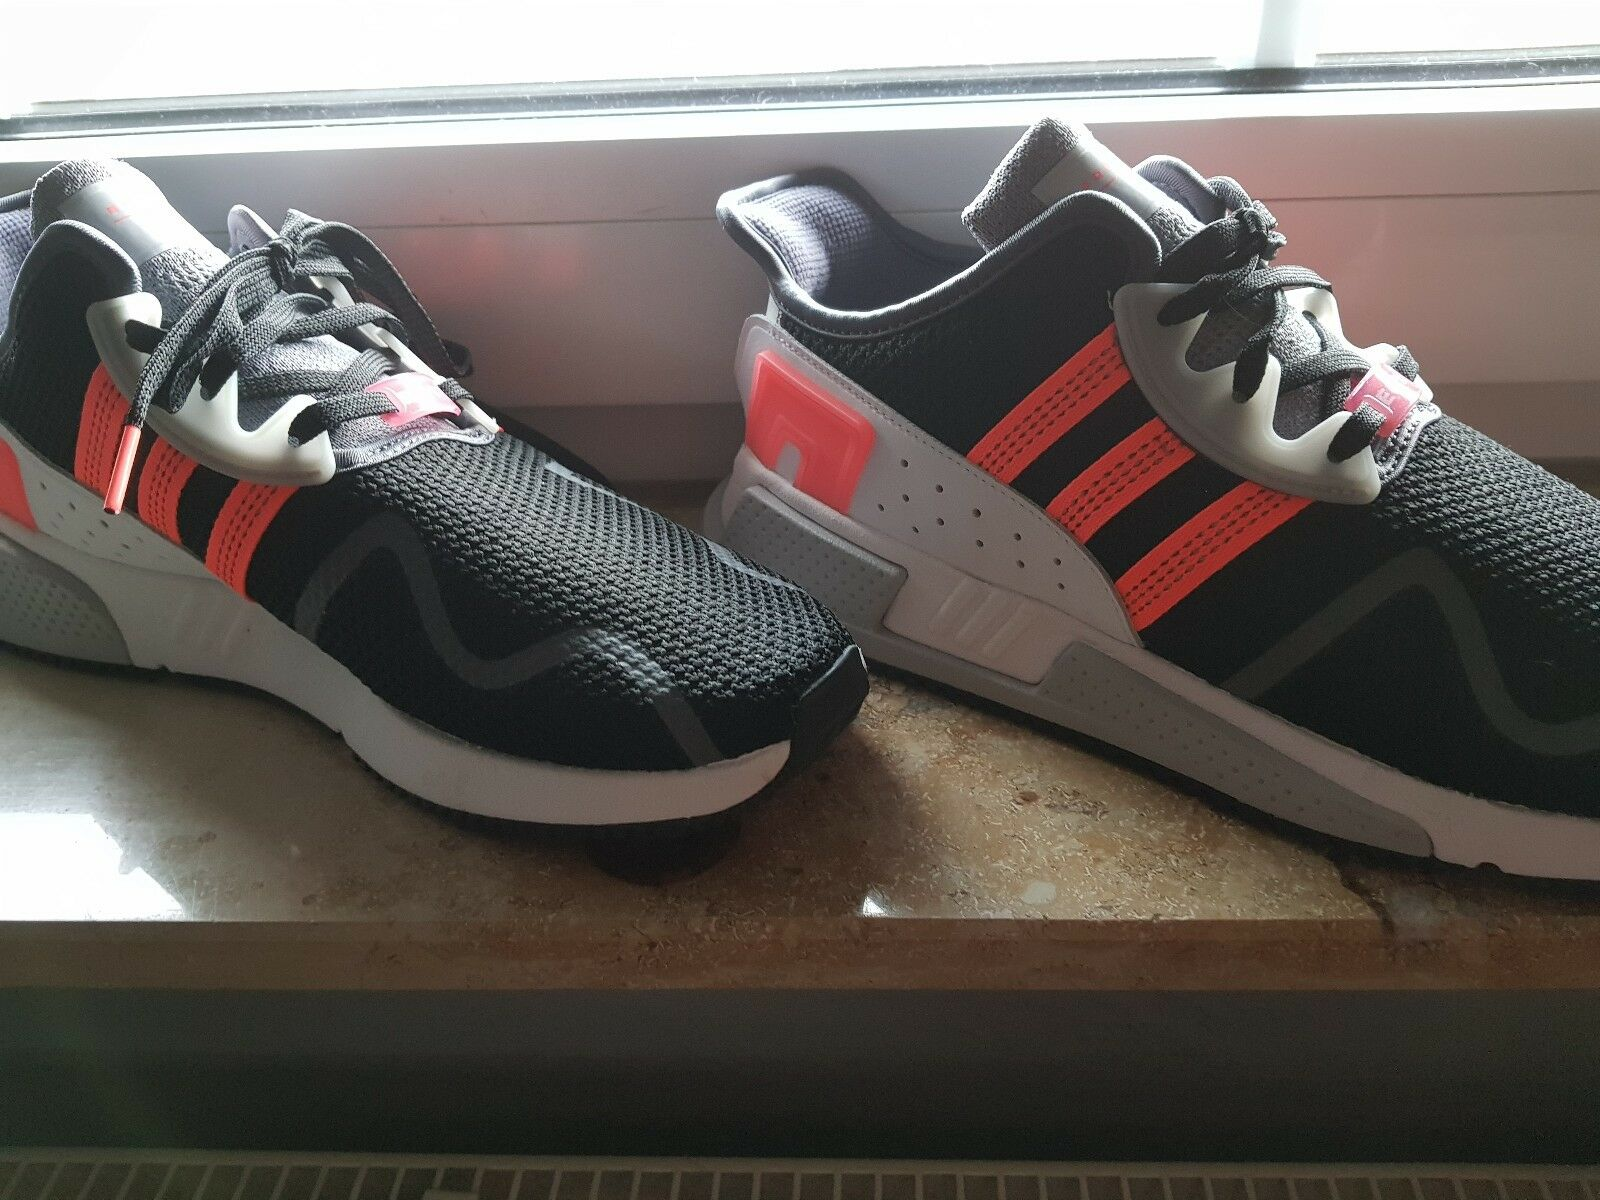 Adidas Originals EQT CUSHION ADV Turnschuhe low schuhe mann sport fitness stylisch